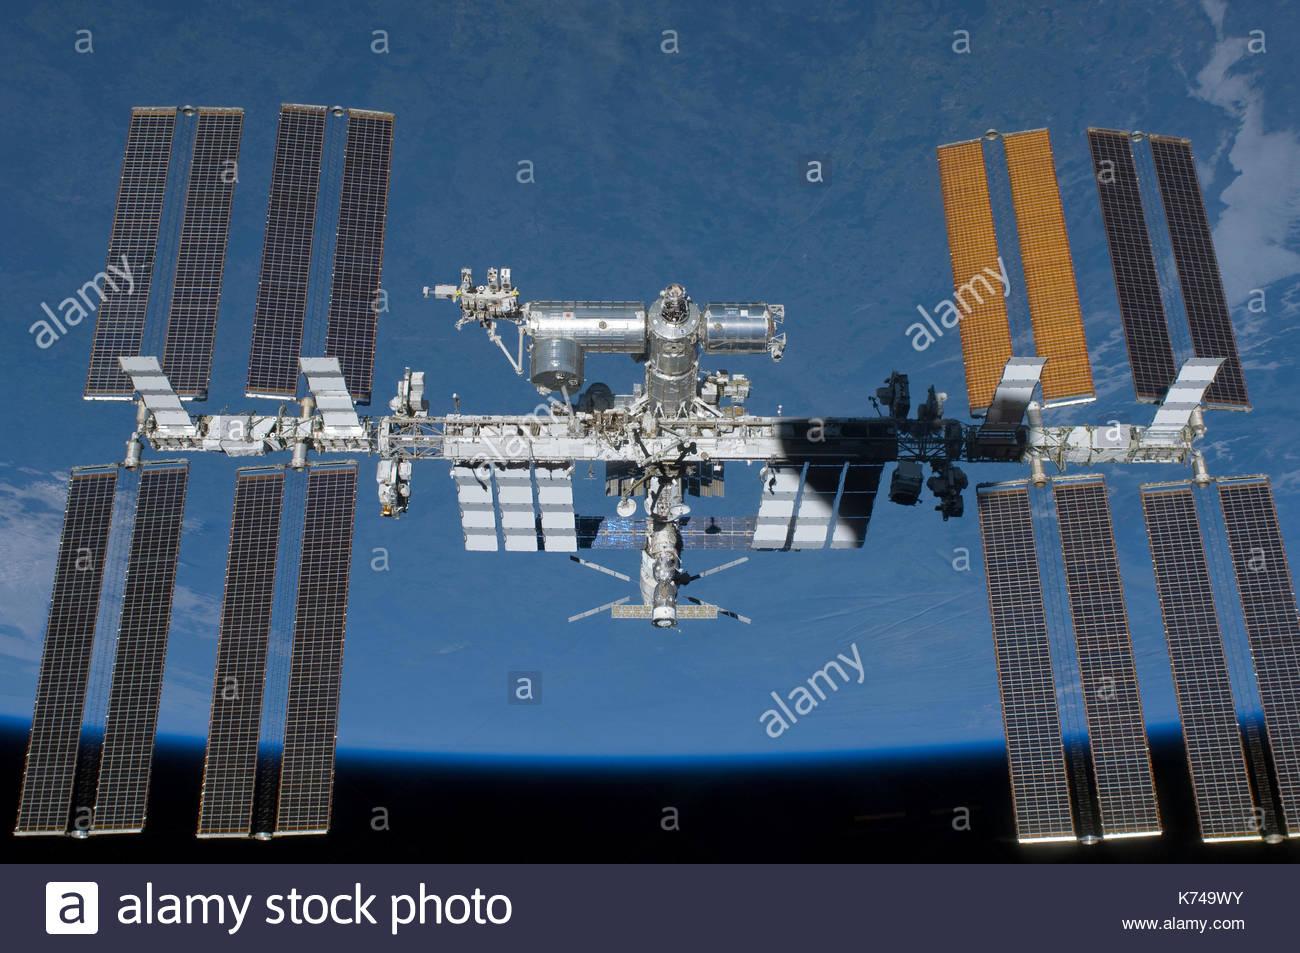 Ou ISS Station spatiale internationale. L'engin est un habitable satellite artificiel, en orbite terrestre basse. Éléments de cette image fournie par la NASA Photo Stock